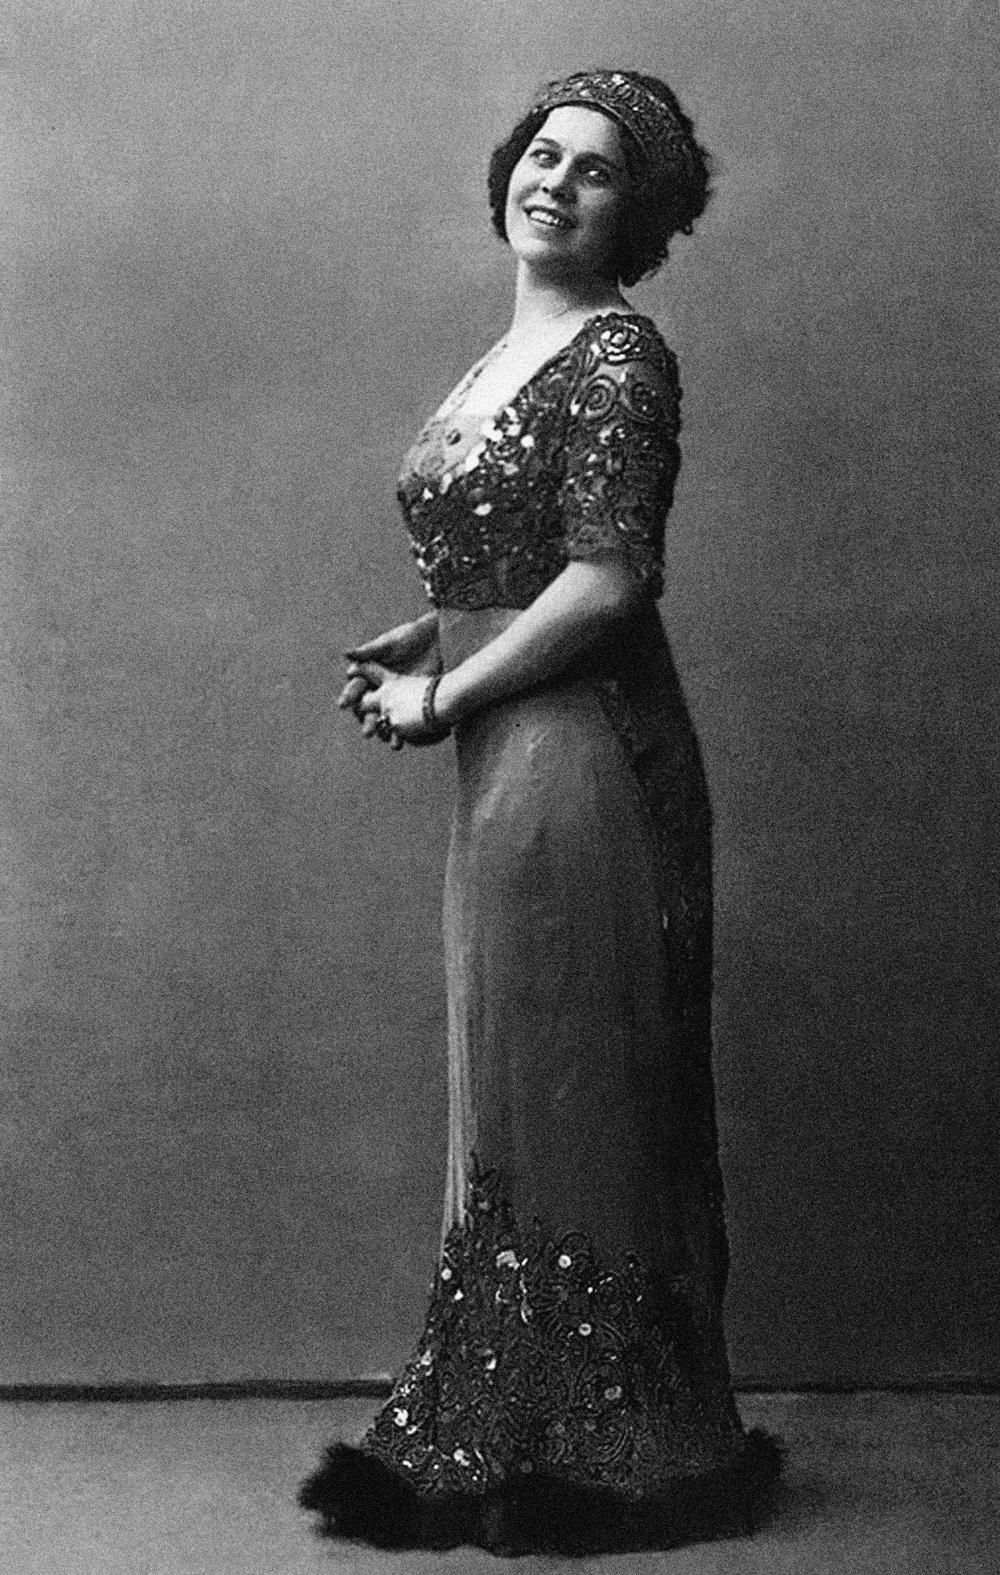 Nadejda Plevitskaia (1884-1940), passou de freira e cantora a agente nos círculos de emigrados na Europa.